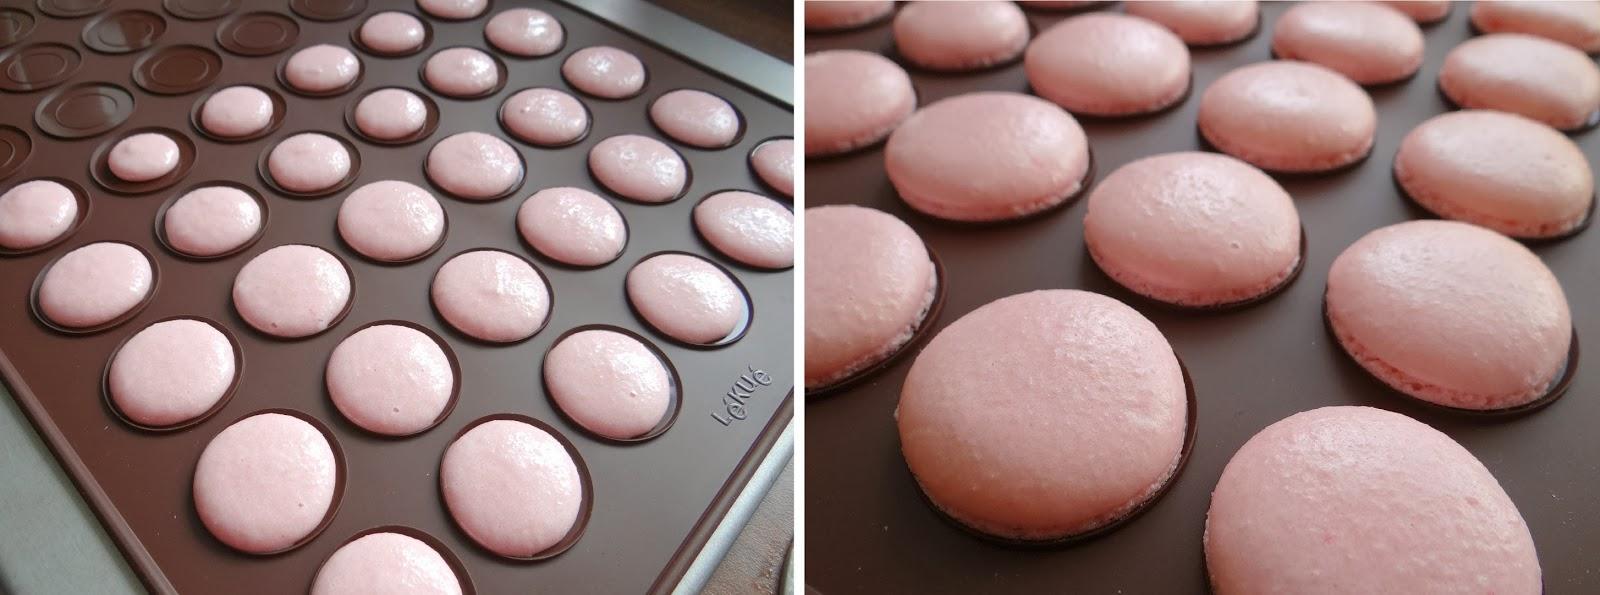 Macarons Silicon Mat, Macarons Baking Kit, Lekue Decomax